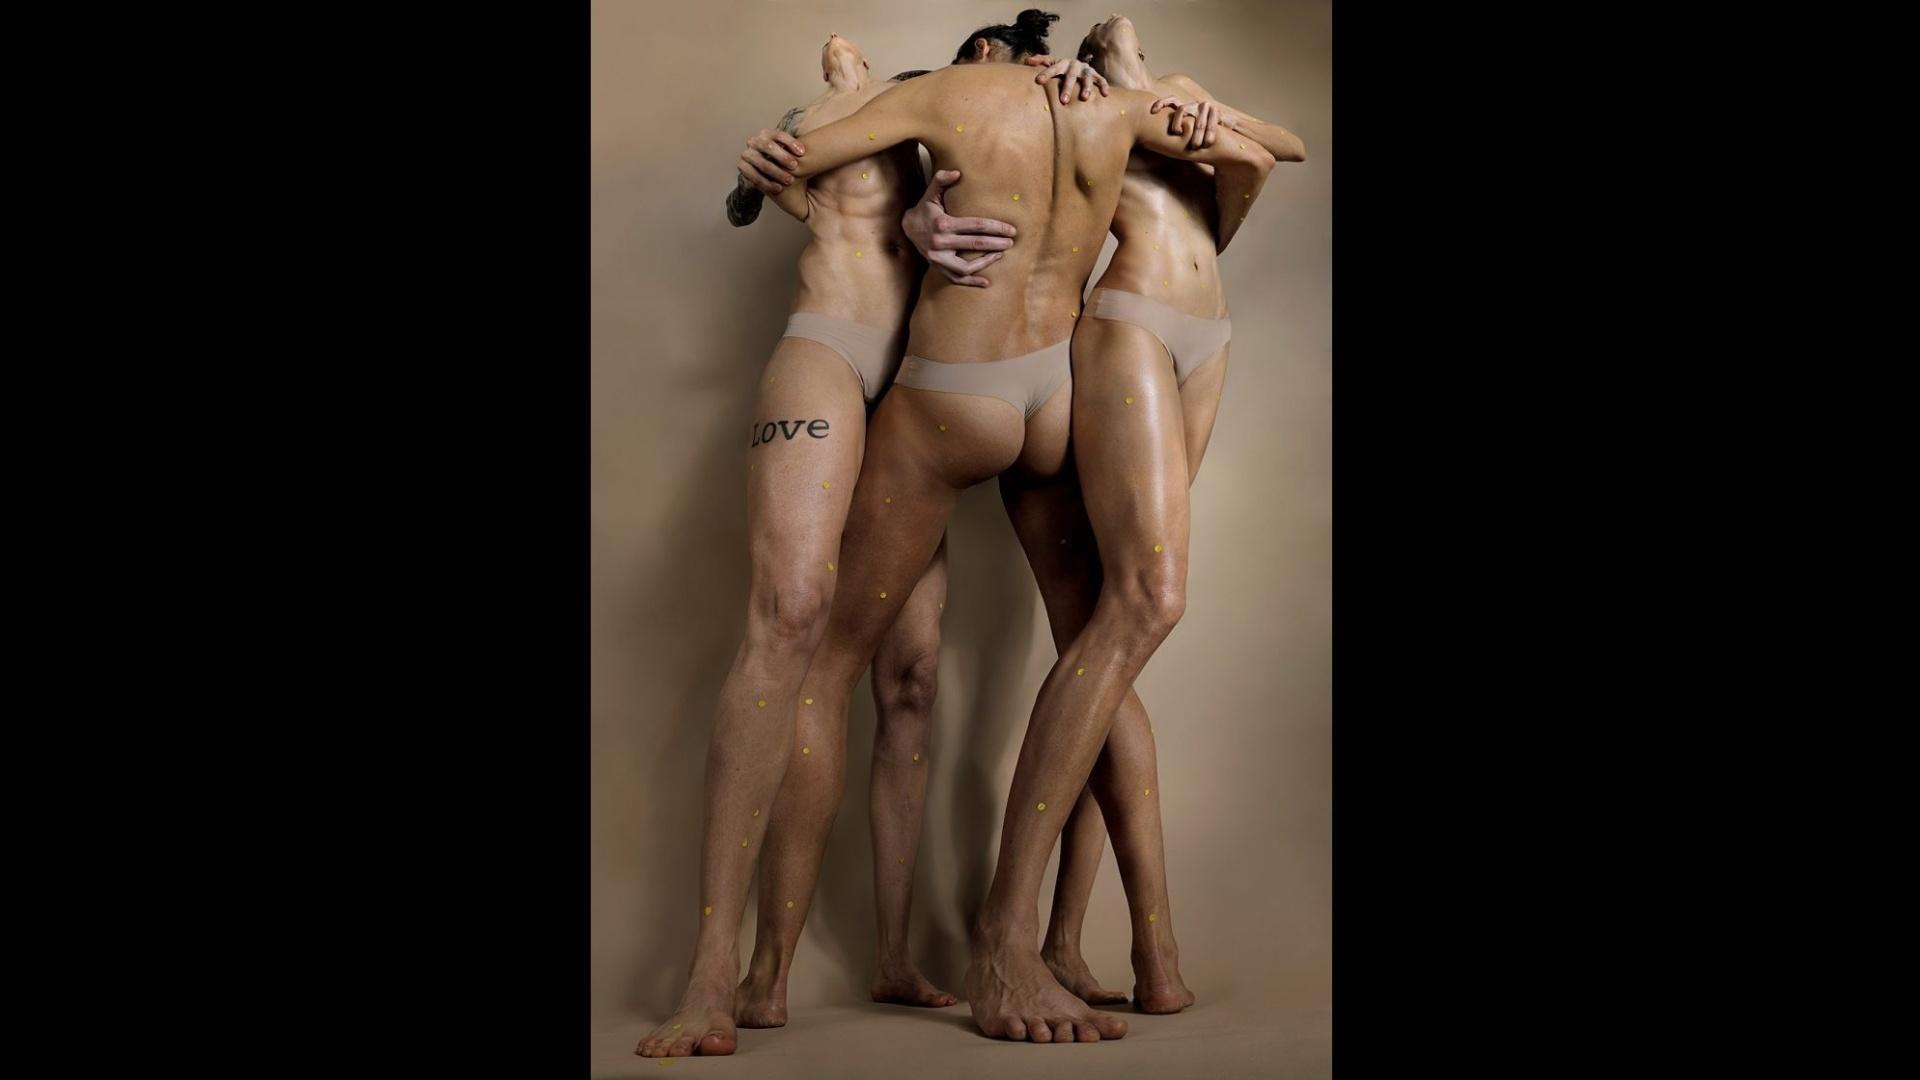 9.mai.2017 - Segundo o site do artista, o objetivo de expor a falta de significado nas representações visuais contemporâneas do corpo feminino é questionar os padrões e permitir uma relação diferente entre o espectador e a imagem